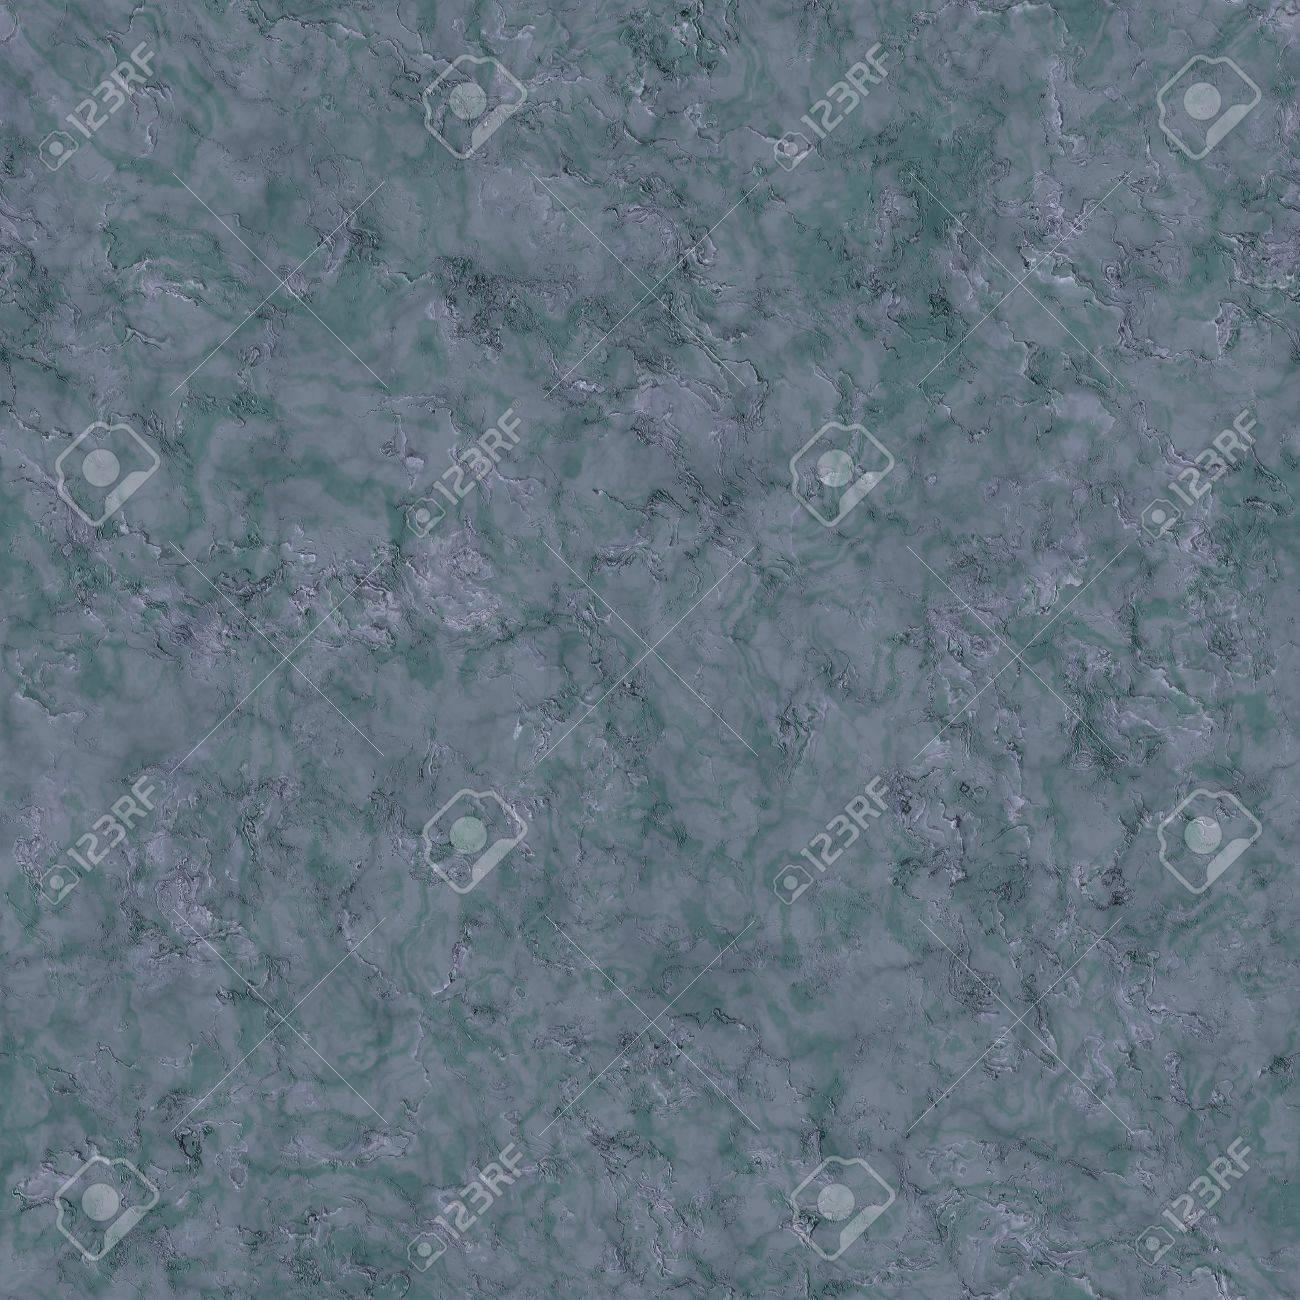 Immagini Stock Blu Scuro Sfondo Di Marmo Astratto Senza Soluzione